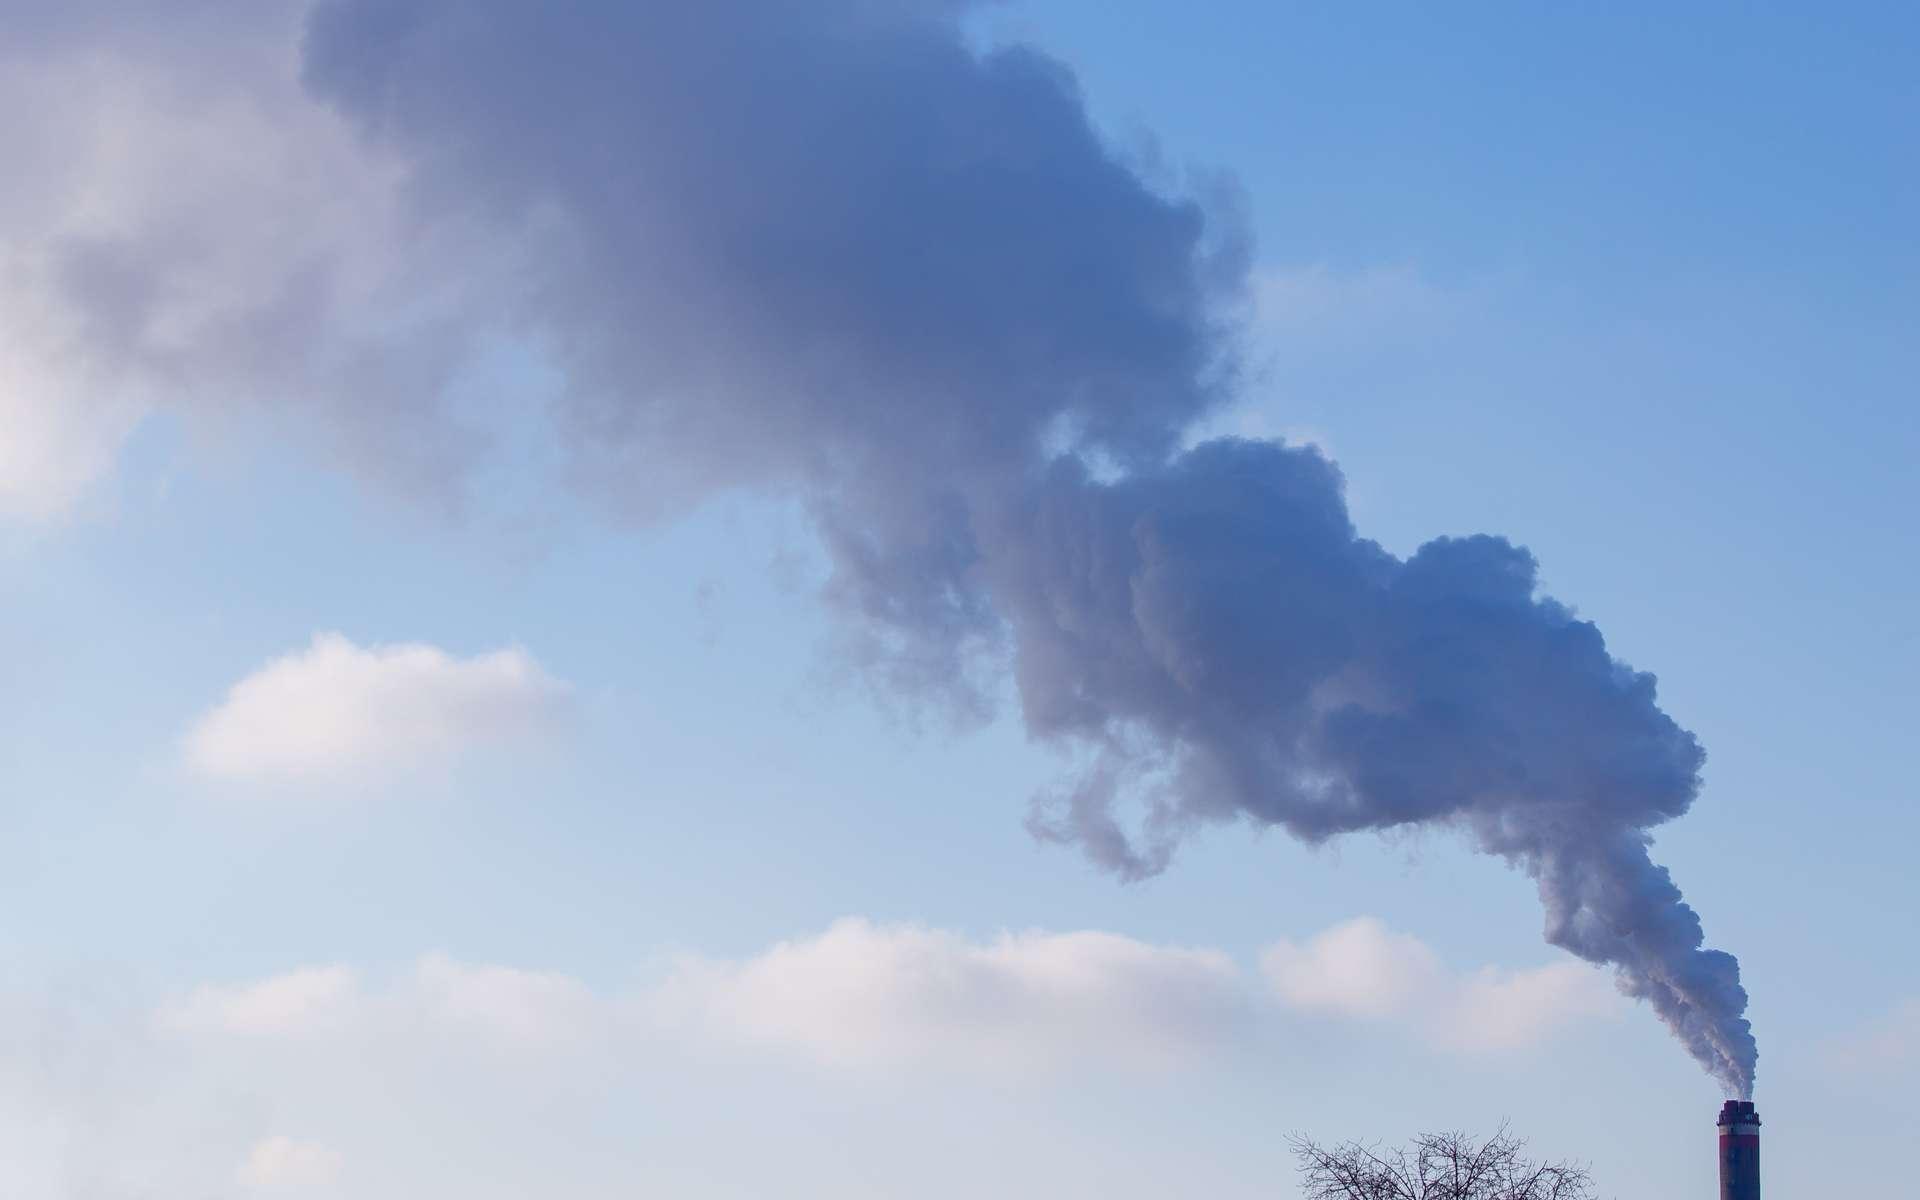 La pollution de l'air extérieur est mesurée par des organismes agréés avec des capteurs en station fixe ou mobile. © schankz, Adobe Stock